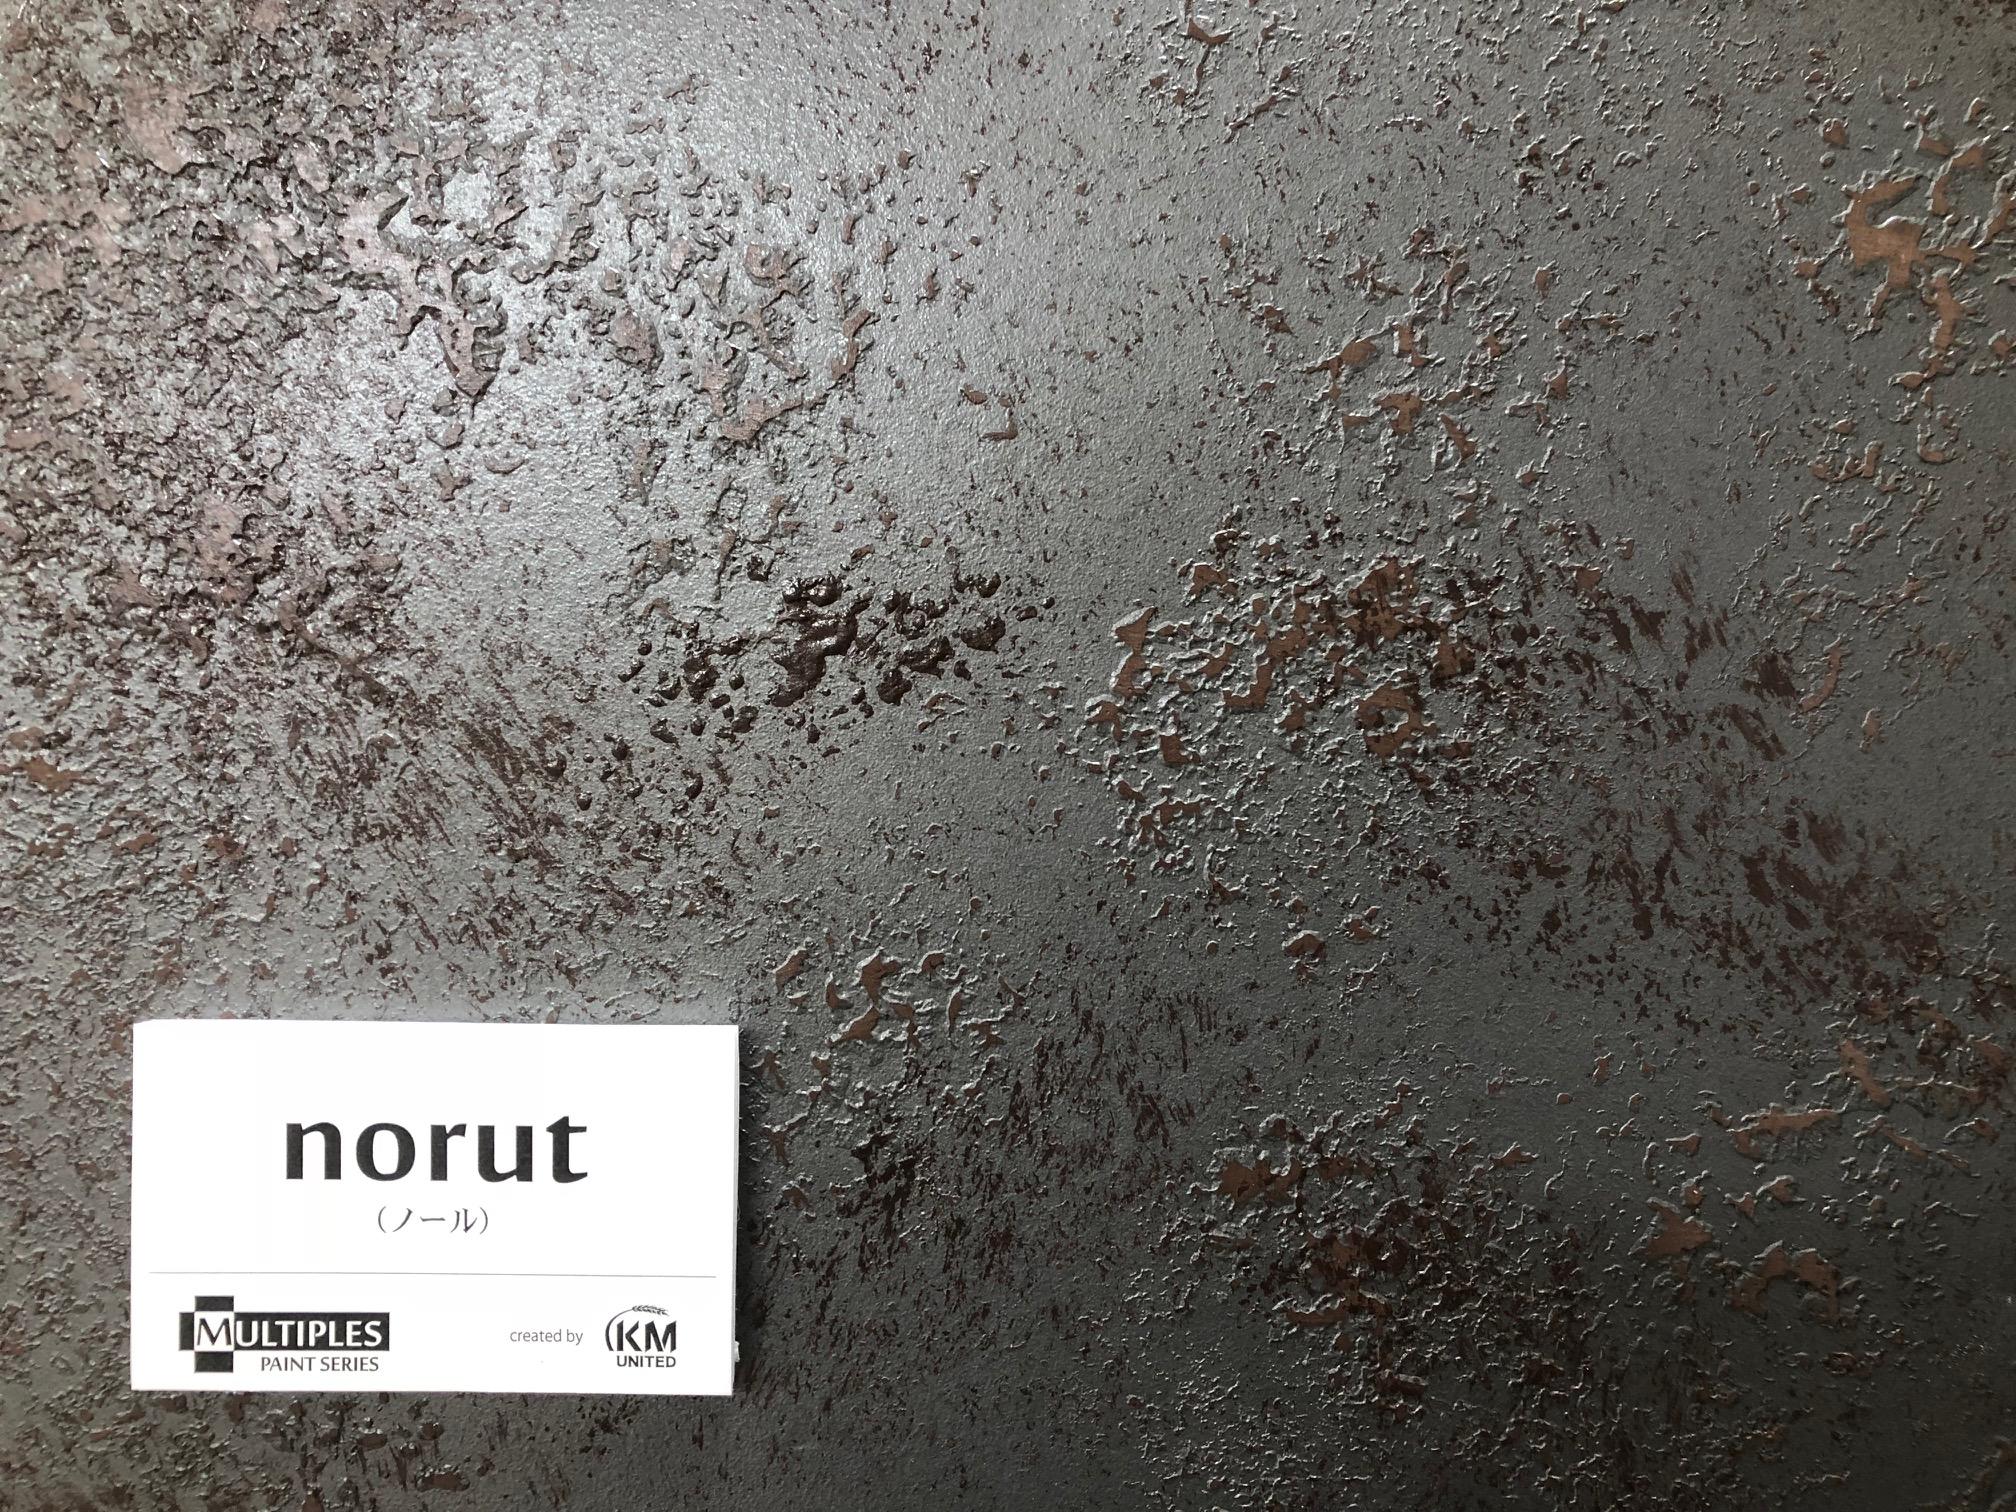 norut(ノール)